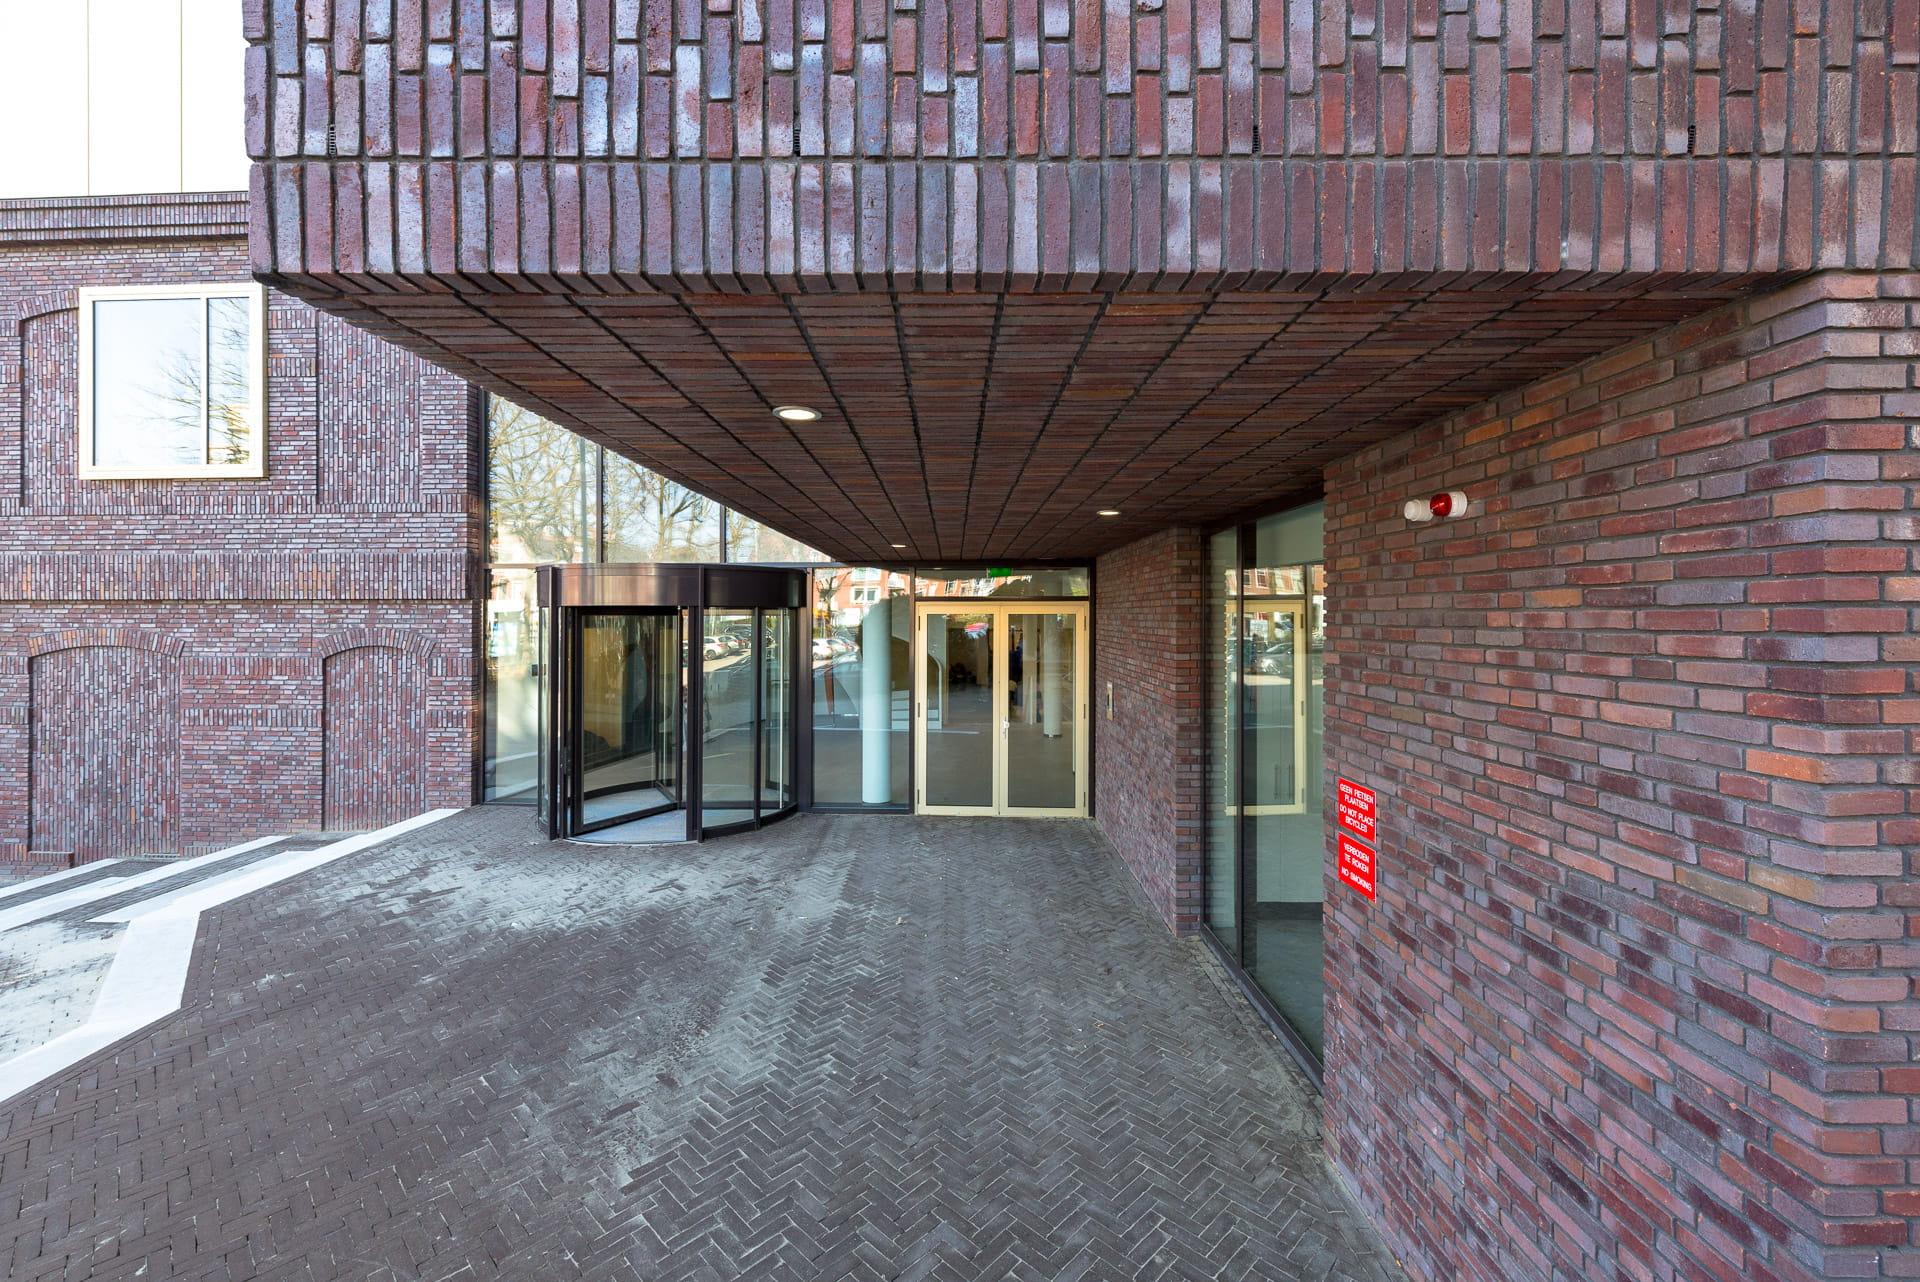 Ingang van het Prins Claus Conservatorium in Groningen